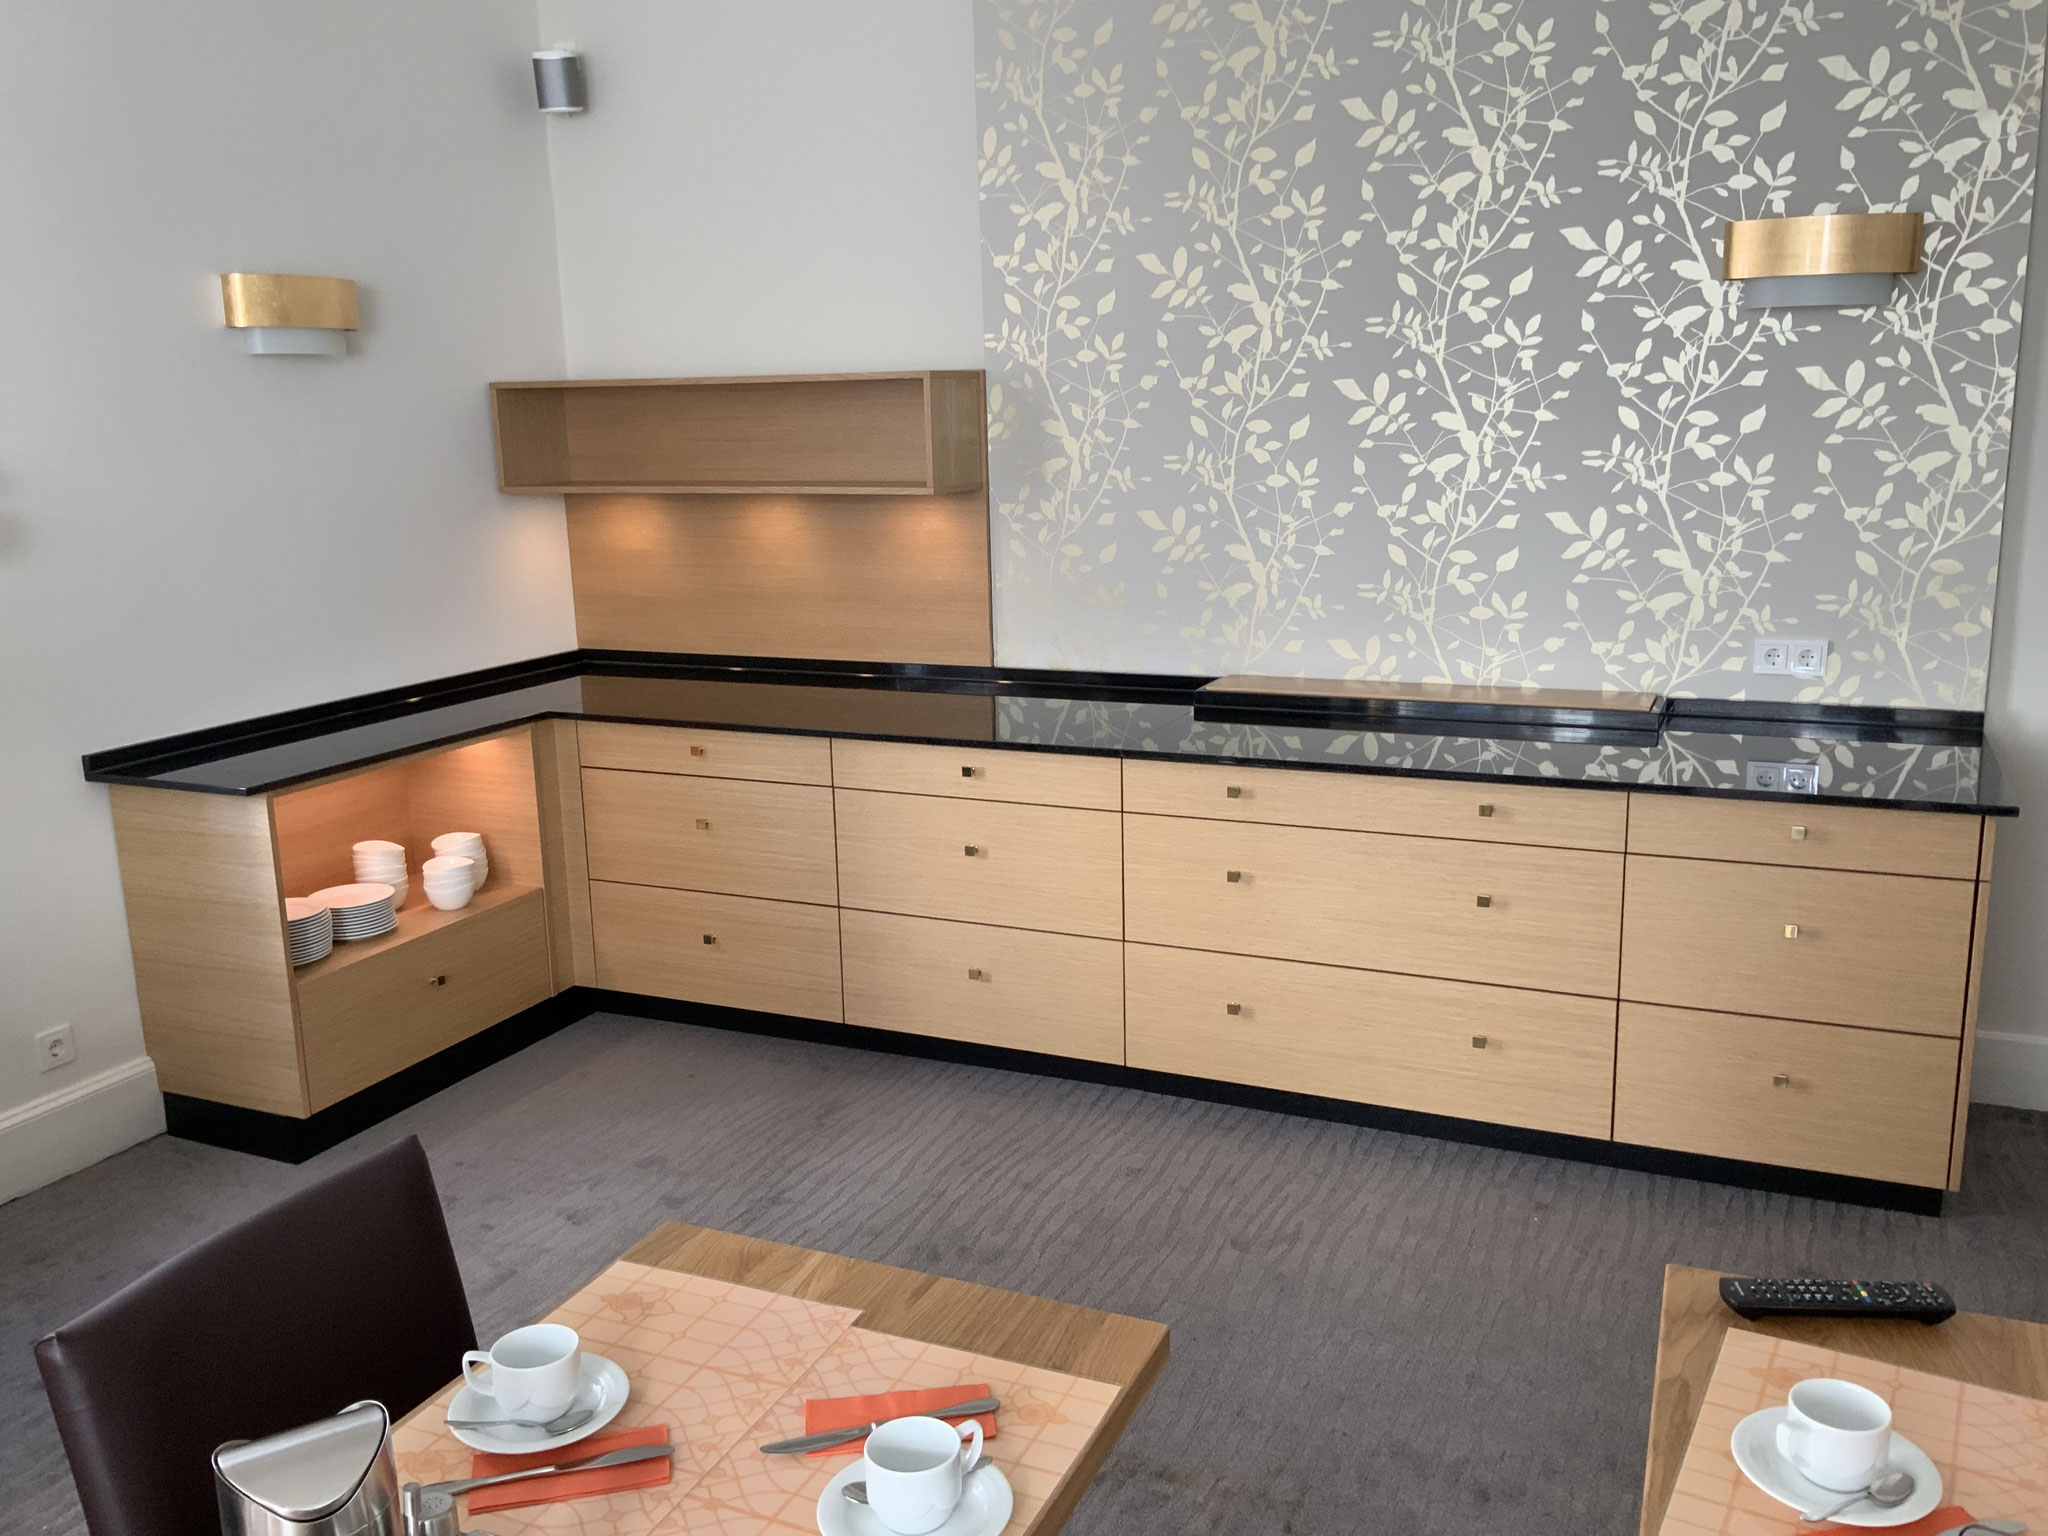 Frühstückszimmer in einem Hotel in Heidelberg